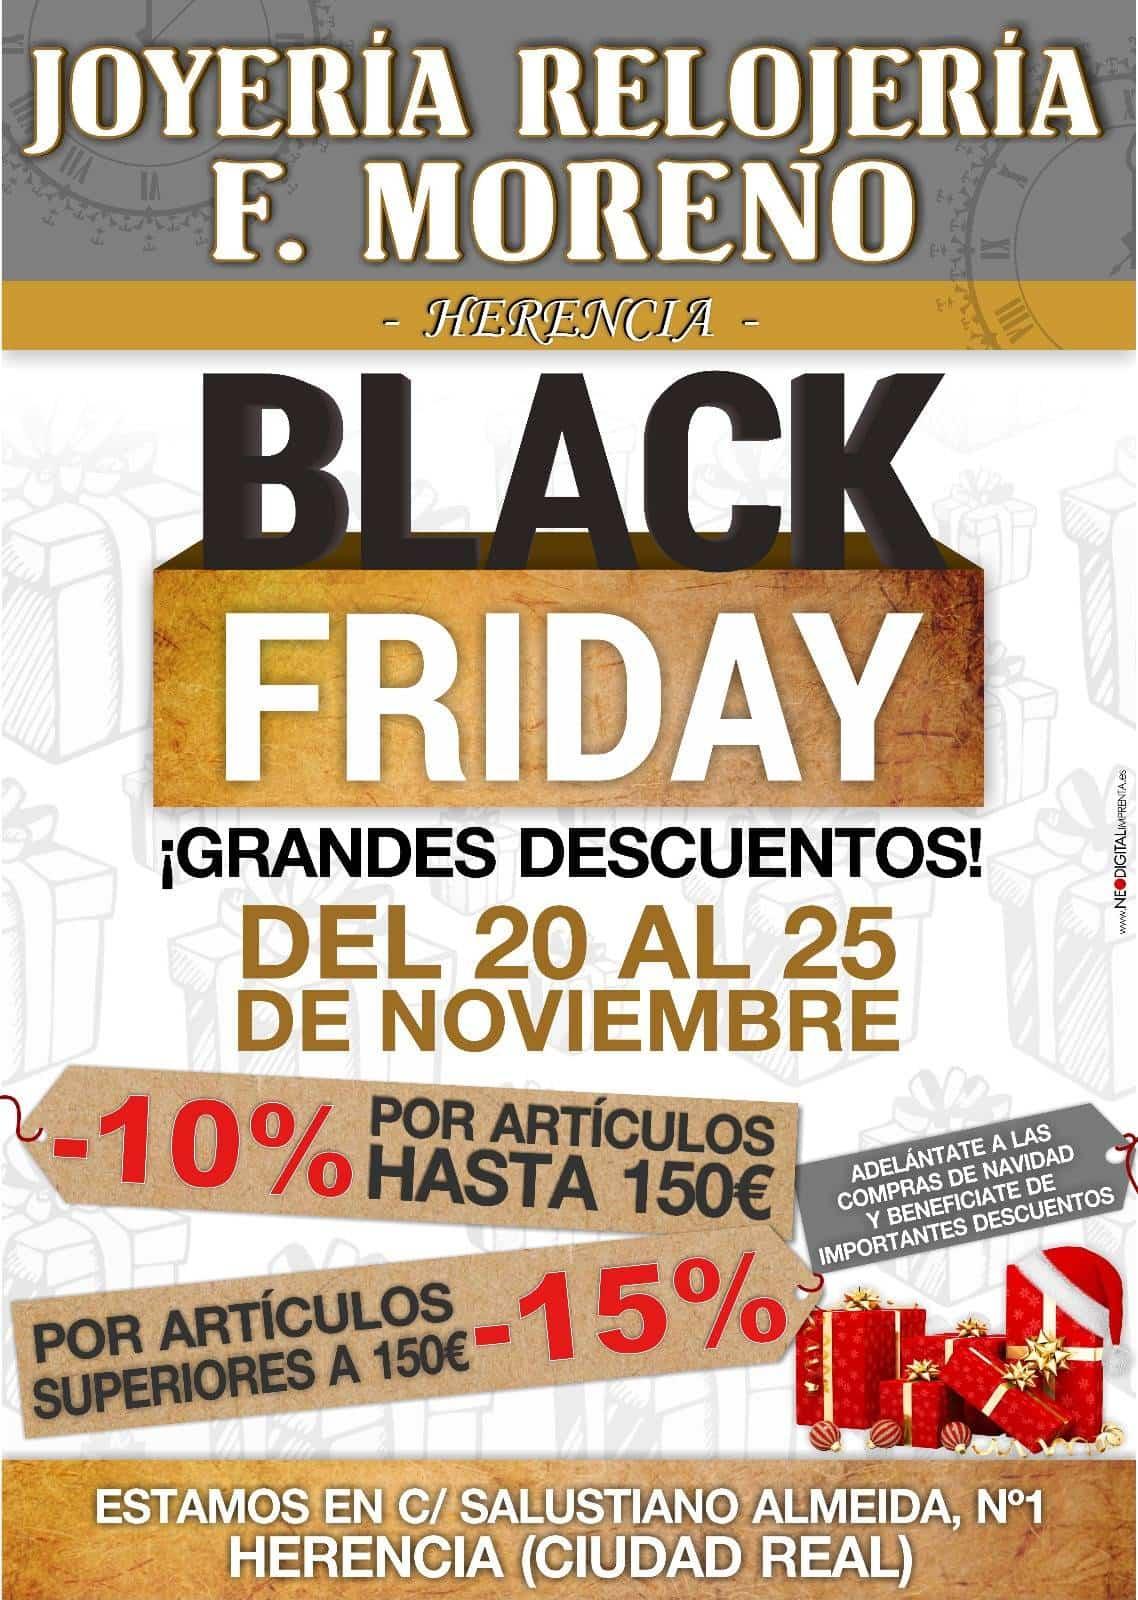 Joyería – Relojería F. Moreno celebra el Black Friday en Herencia